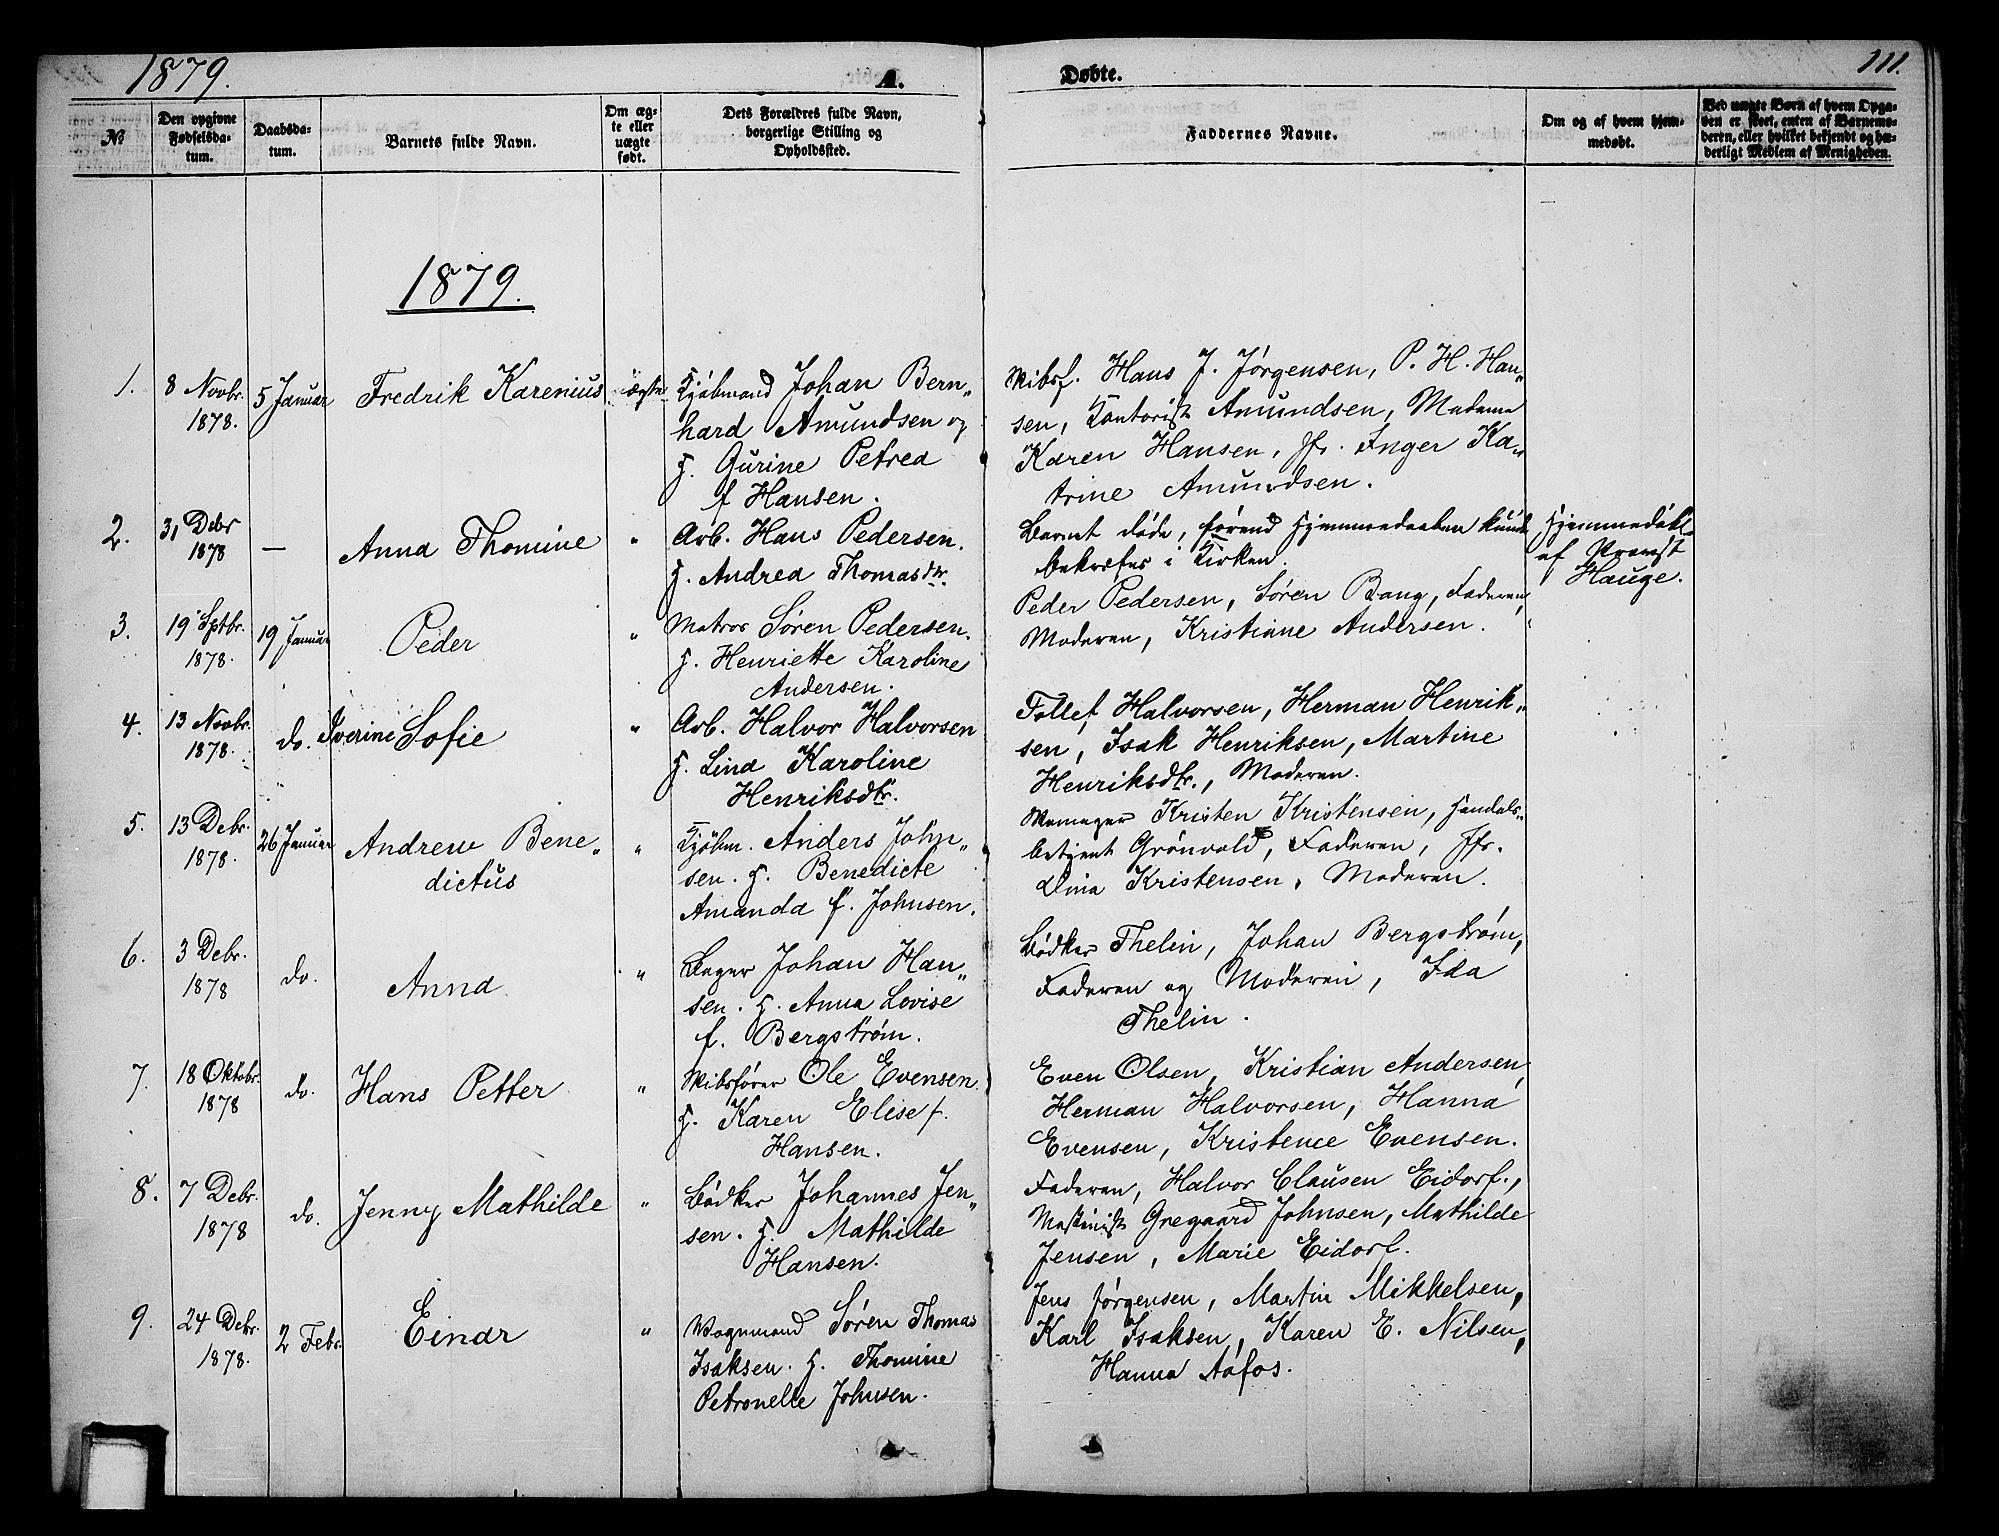 SAKO, Skien kirkebøker, G/Ga/L0005: Klokkerbok nr. 5, 1868-1880, s. 111